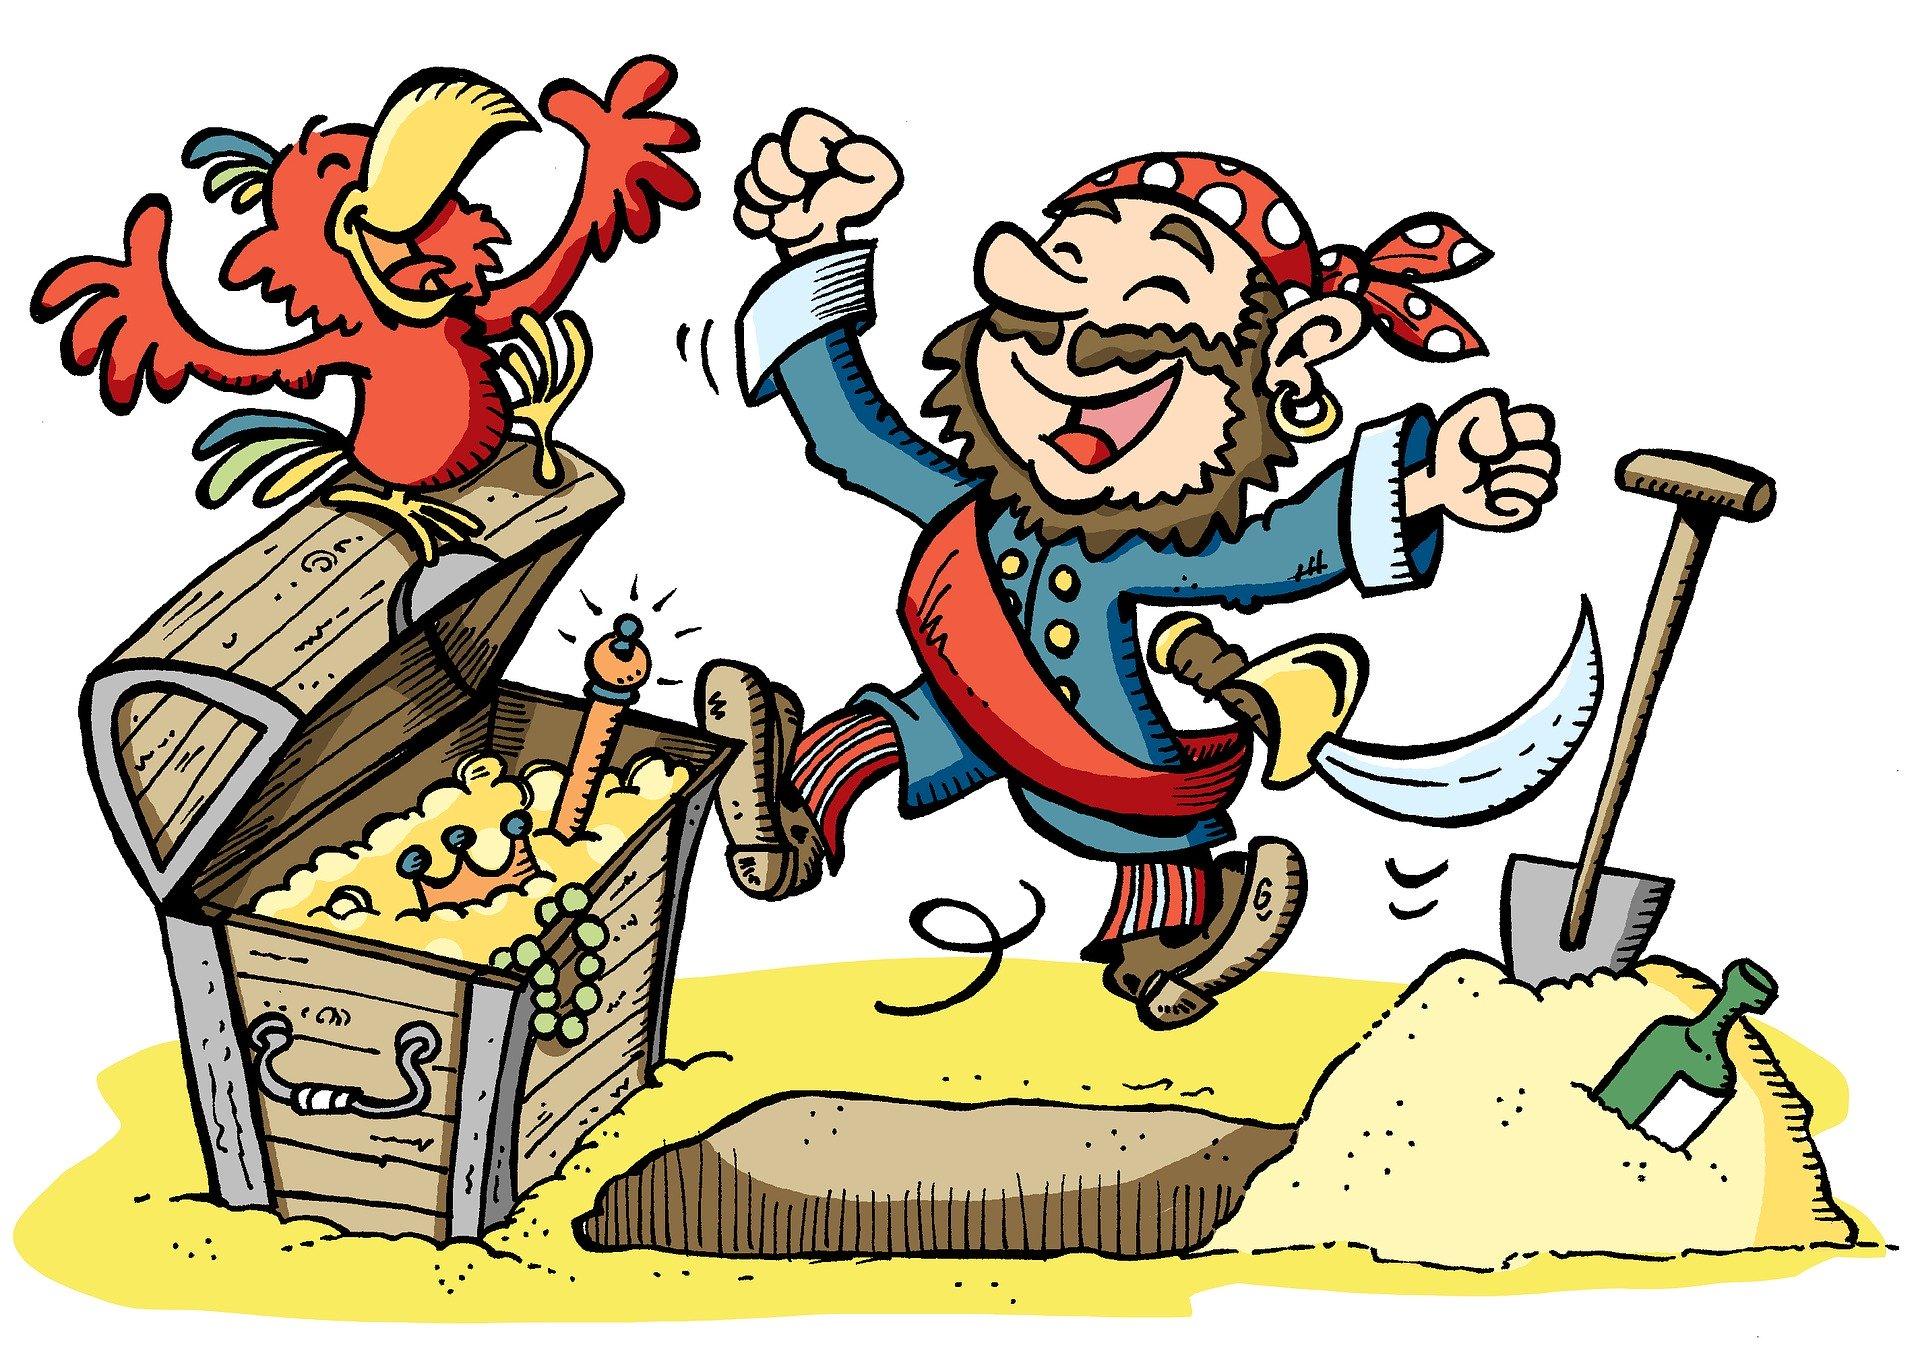 pirate-2928821_1920